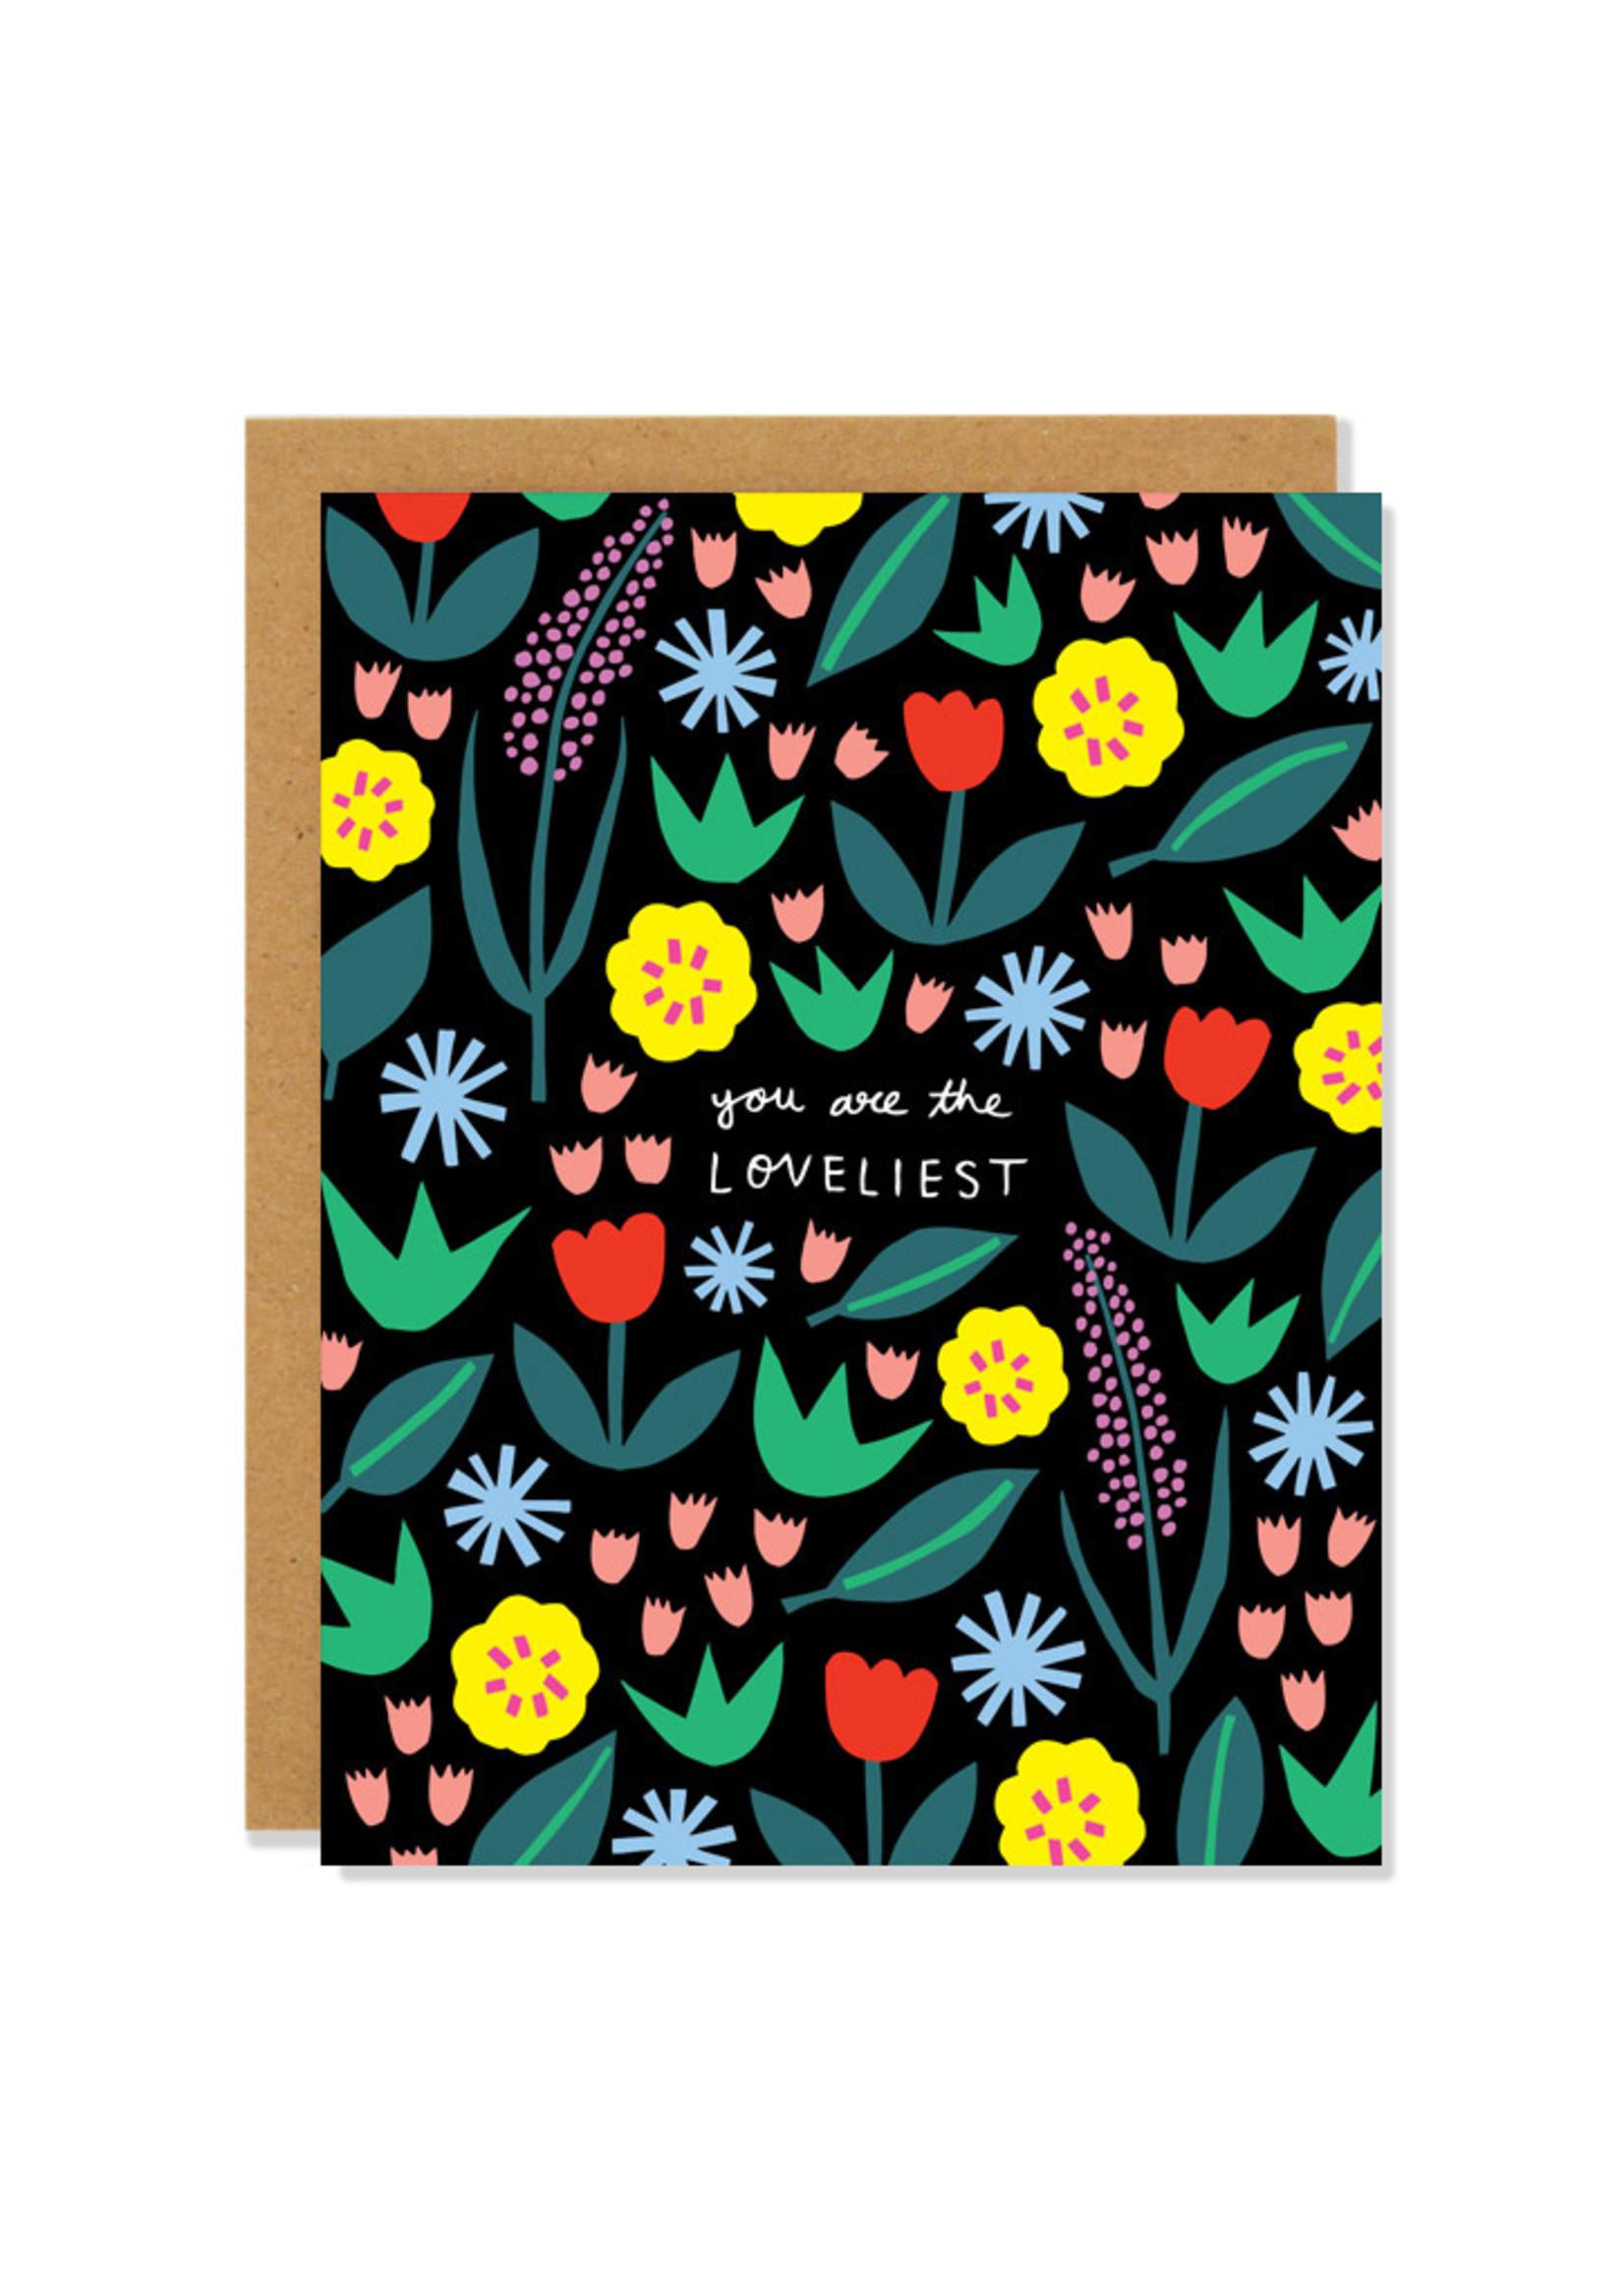 The Loveliest Card